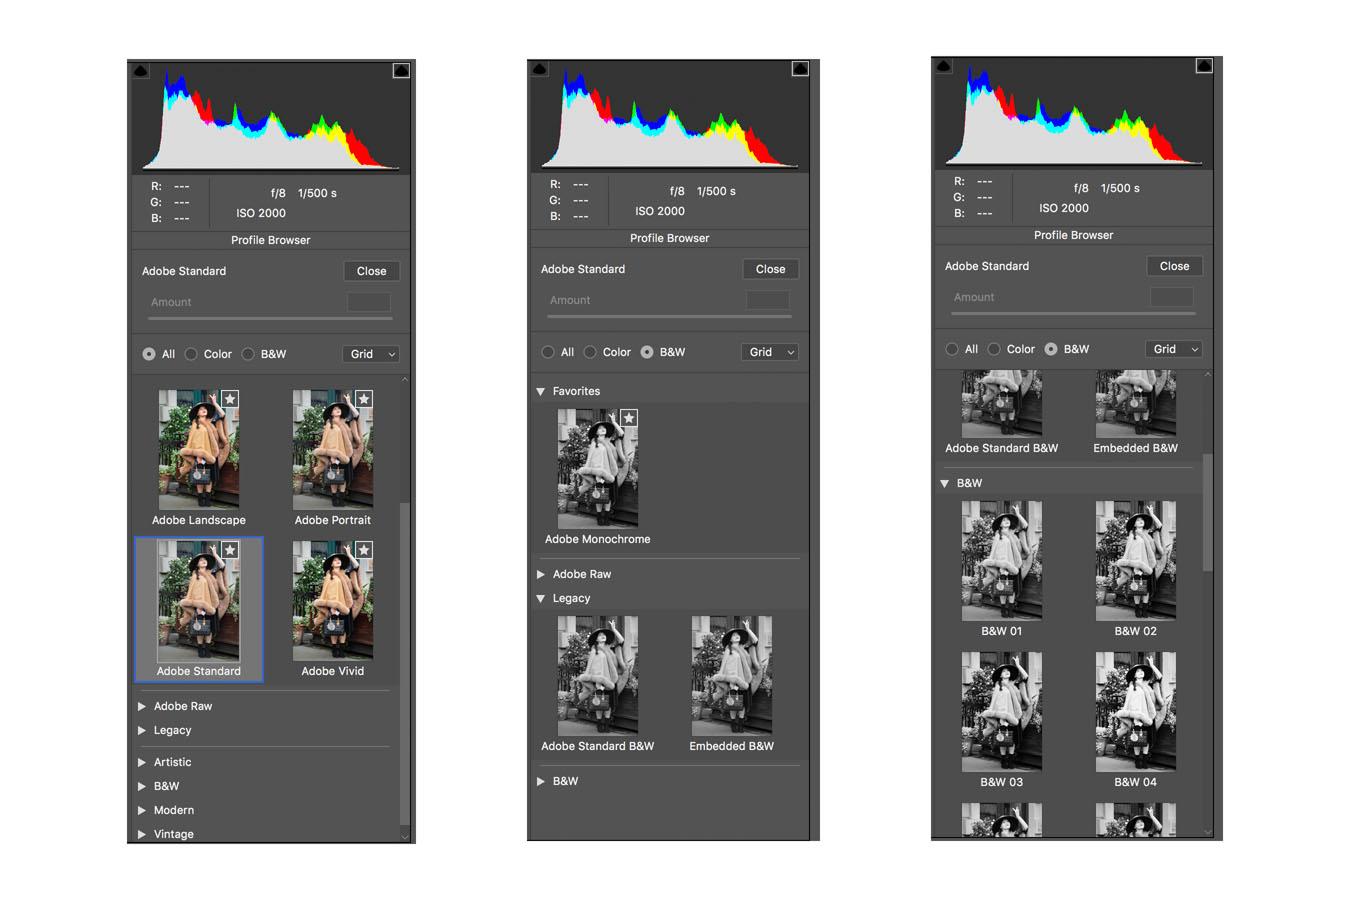 The new Monochrome Profiles in Adobe Camera Raw Update 10.3